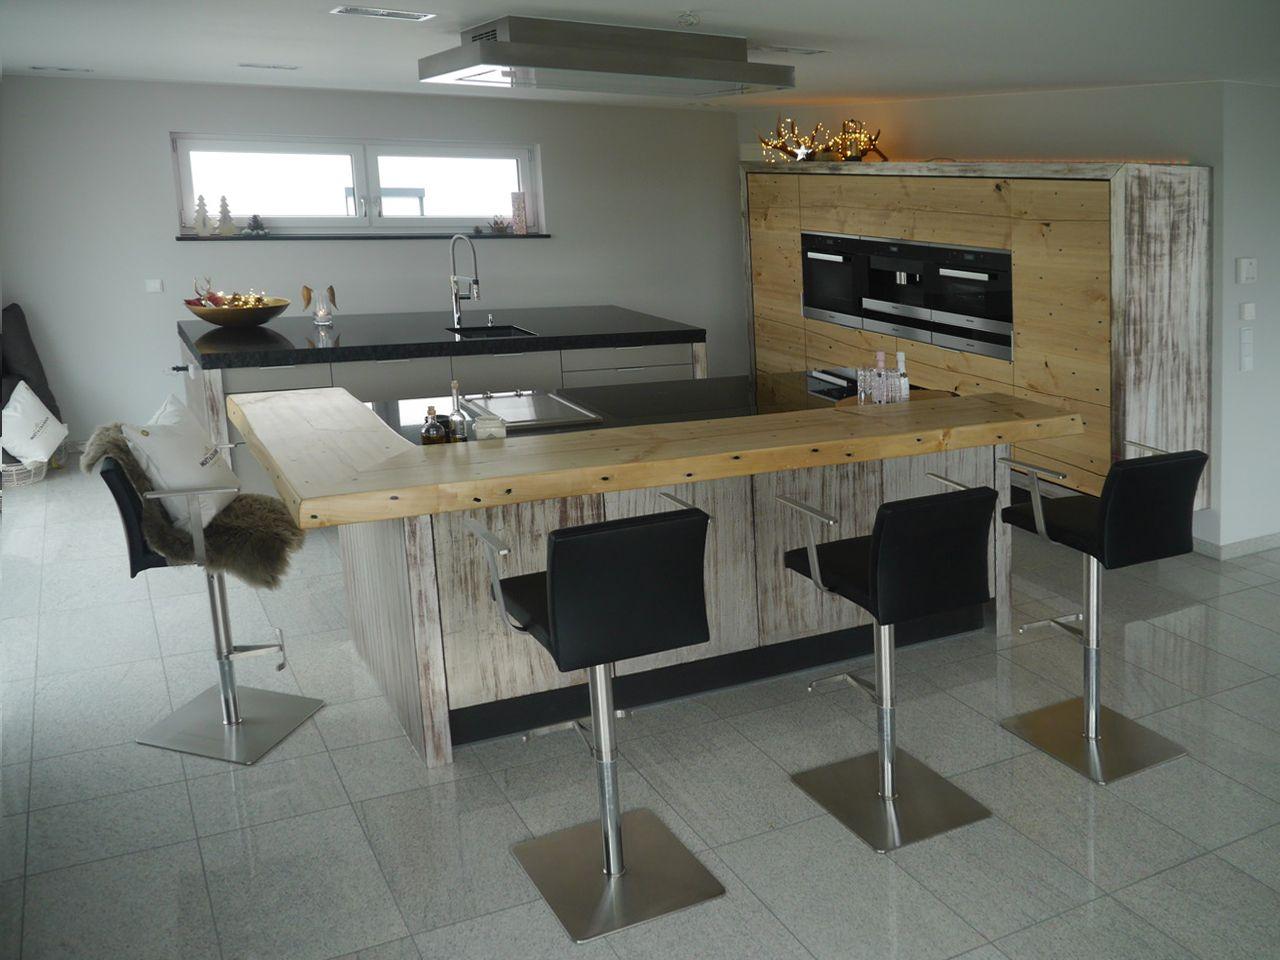 große offene Küche mit 2 Inseln, Theke und